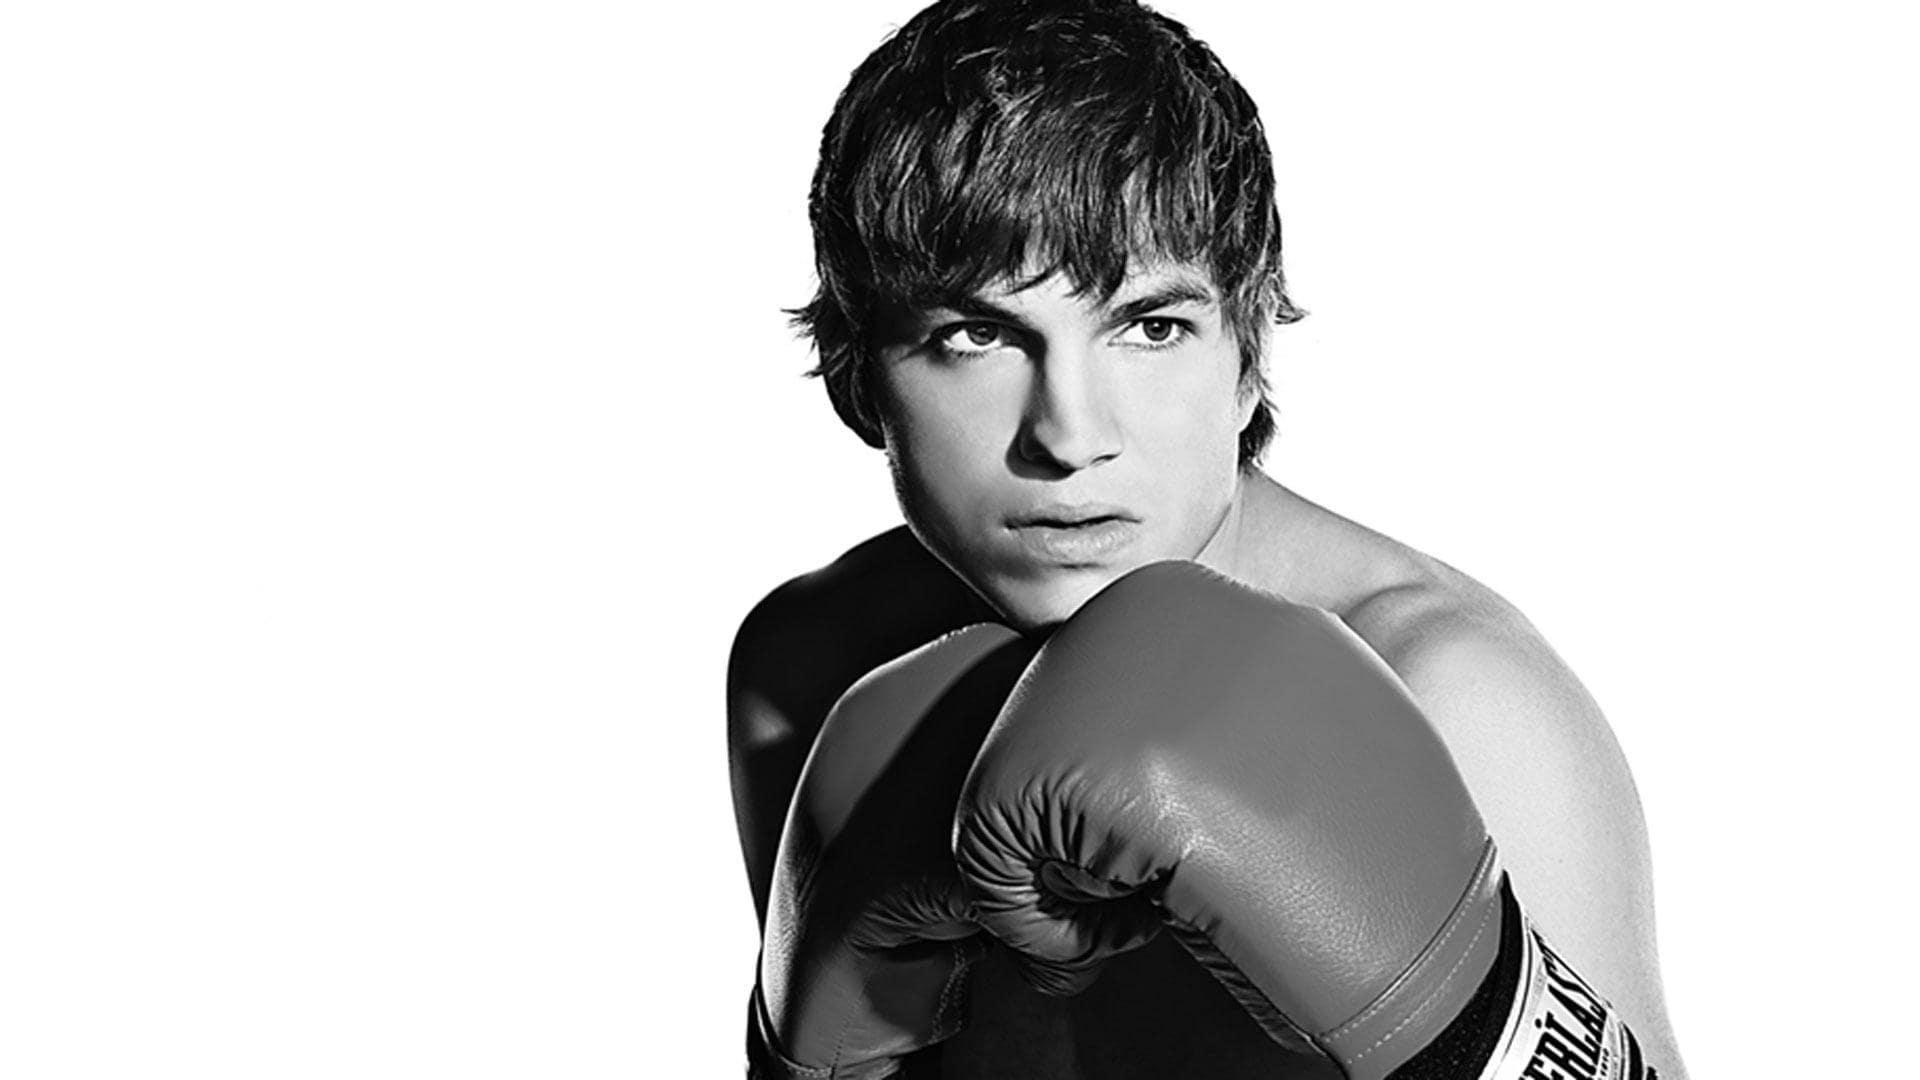 Ashton Kutcher: April 12, 2008